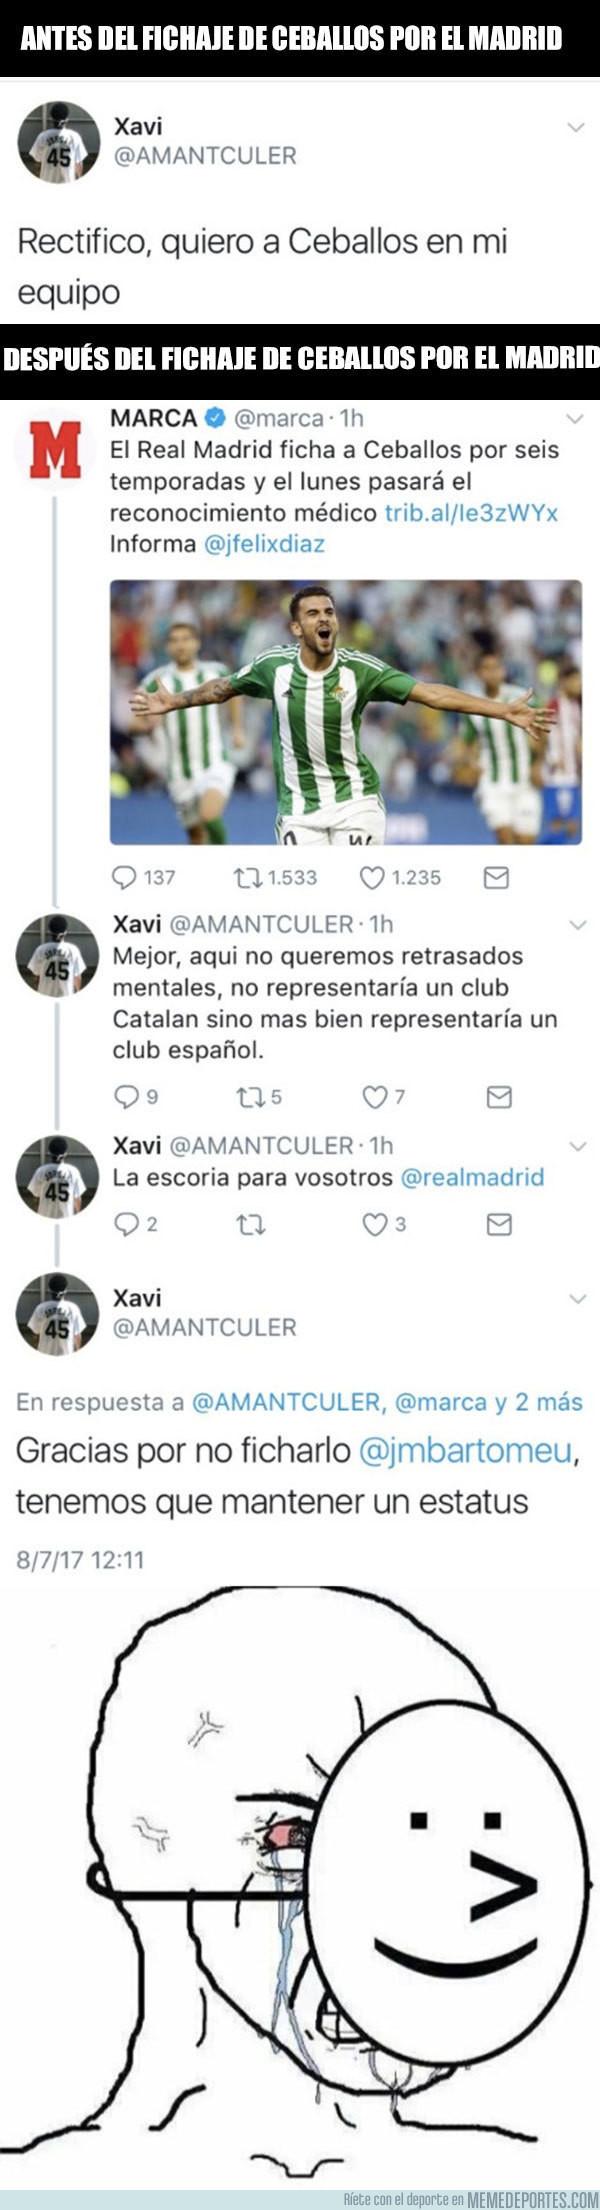 986677 - El doble rasero de este culé tras enterarse del fichaje de Ceballos por el Madrid